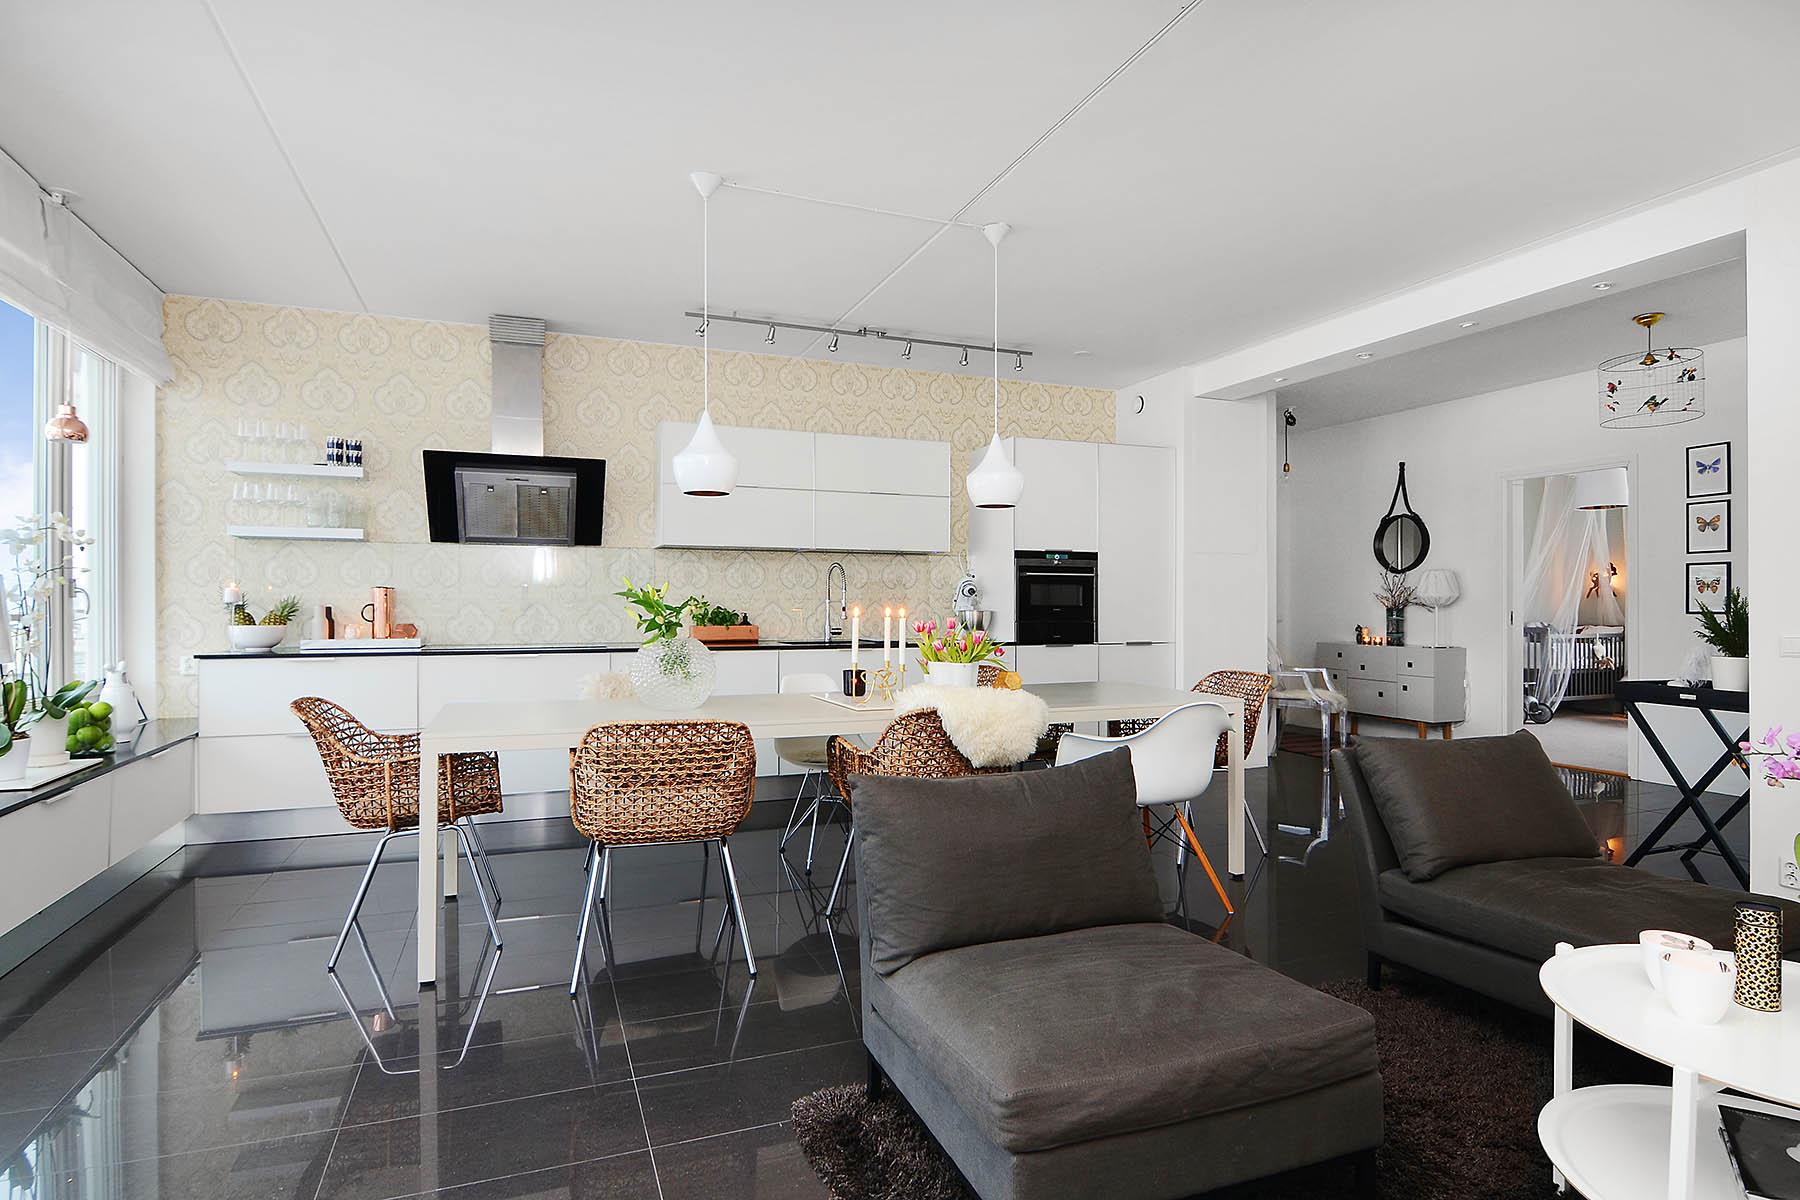 кухня-гостиная 25 метров в скандинавском стиле